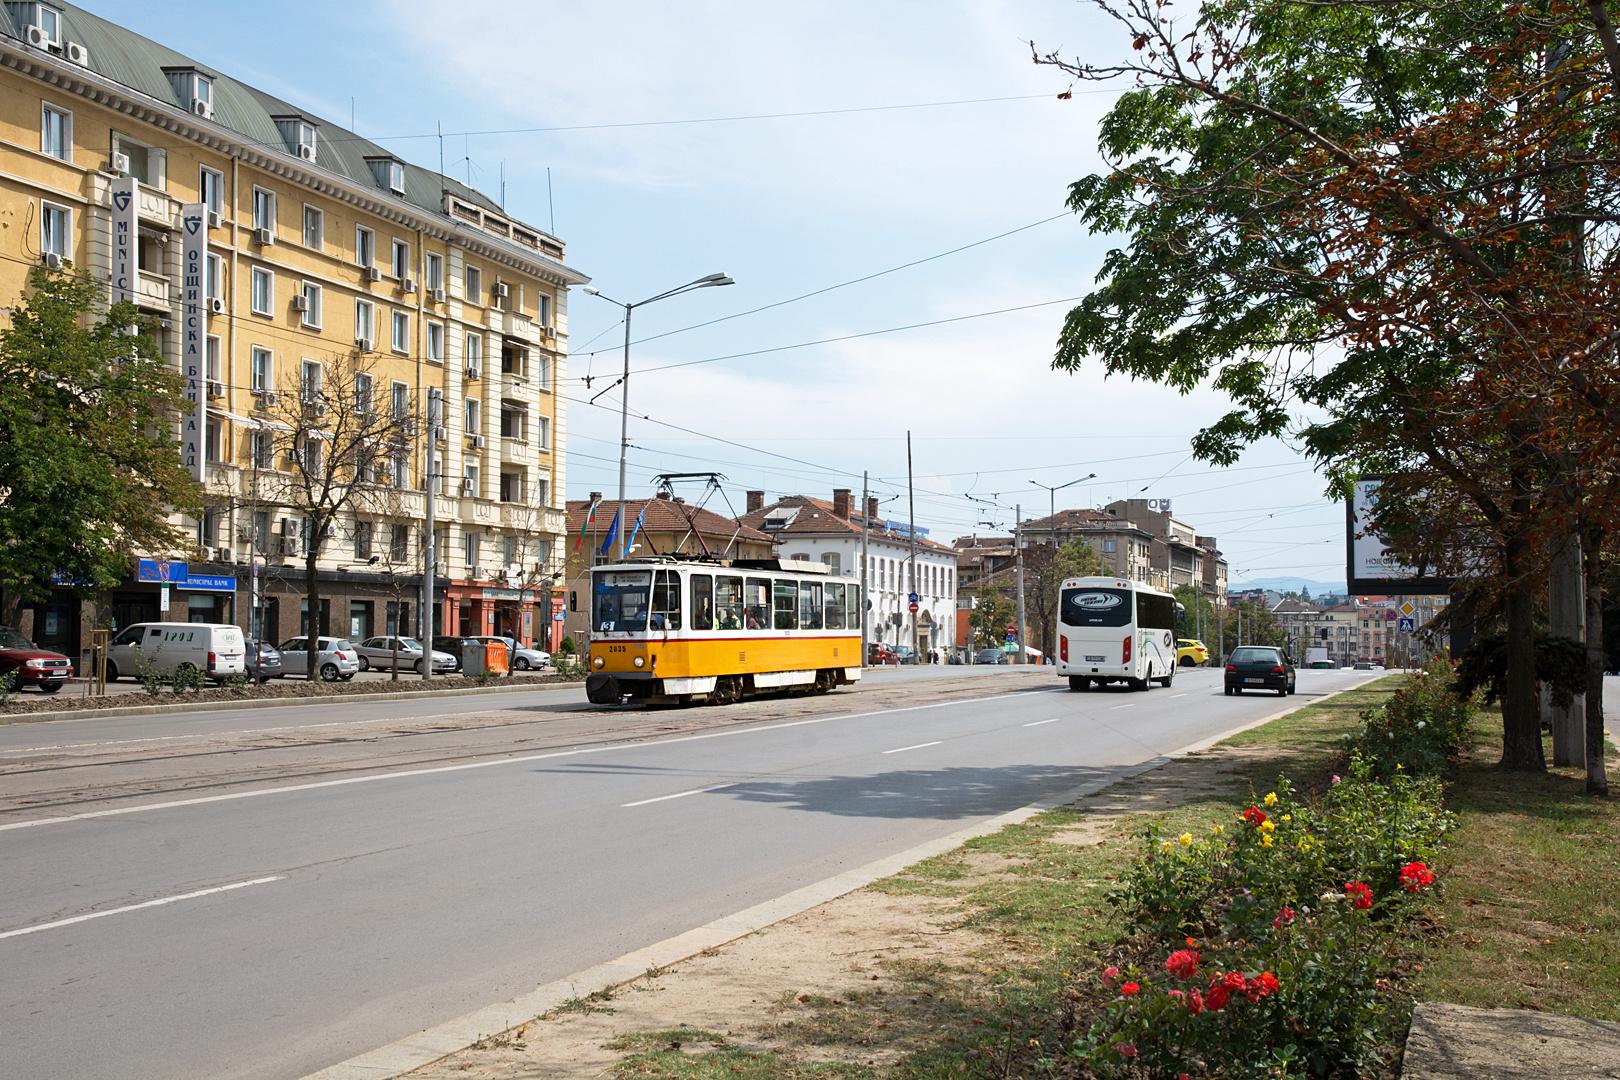 Straßenbahnen in Sofia XII